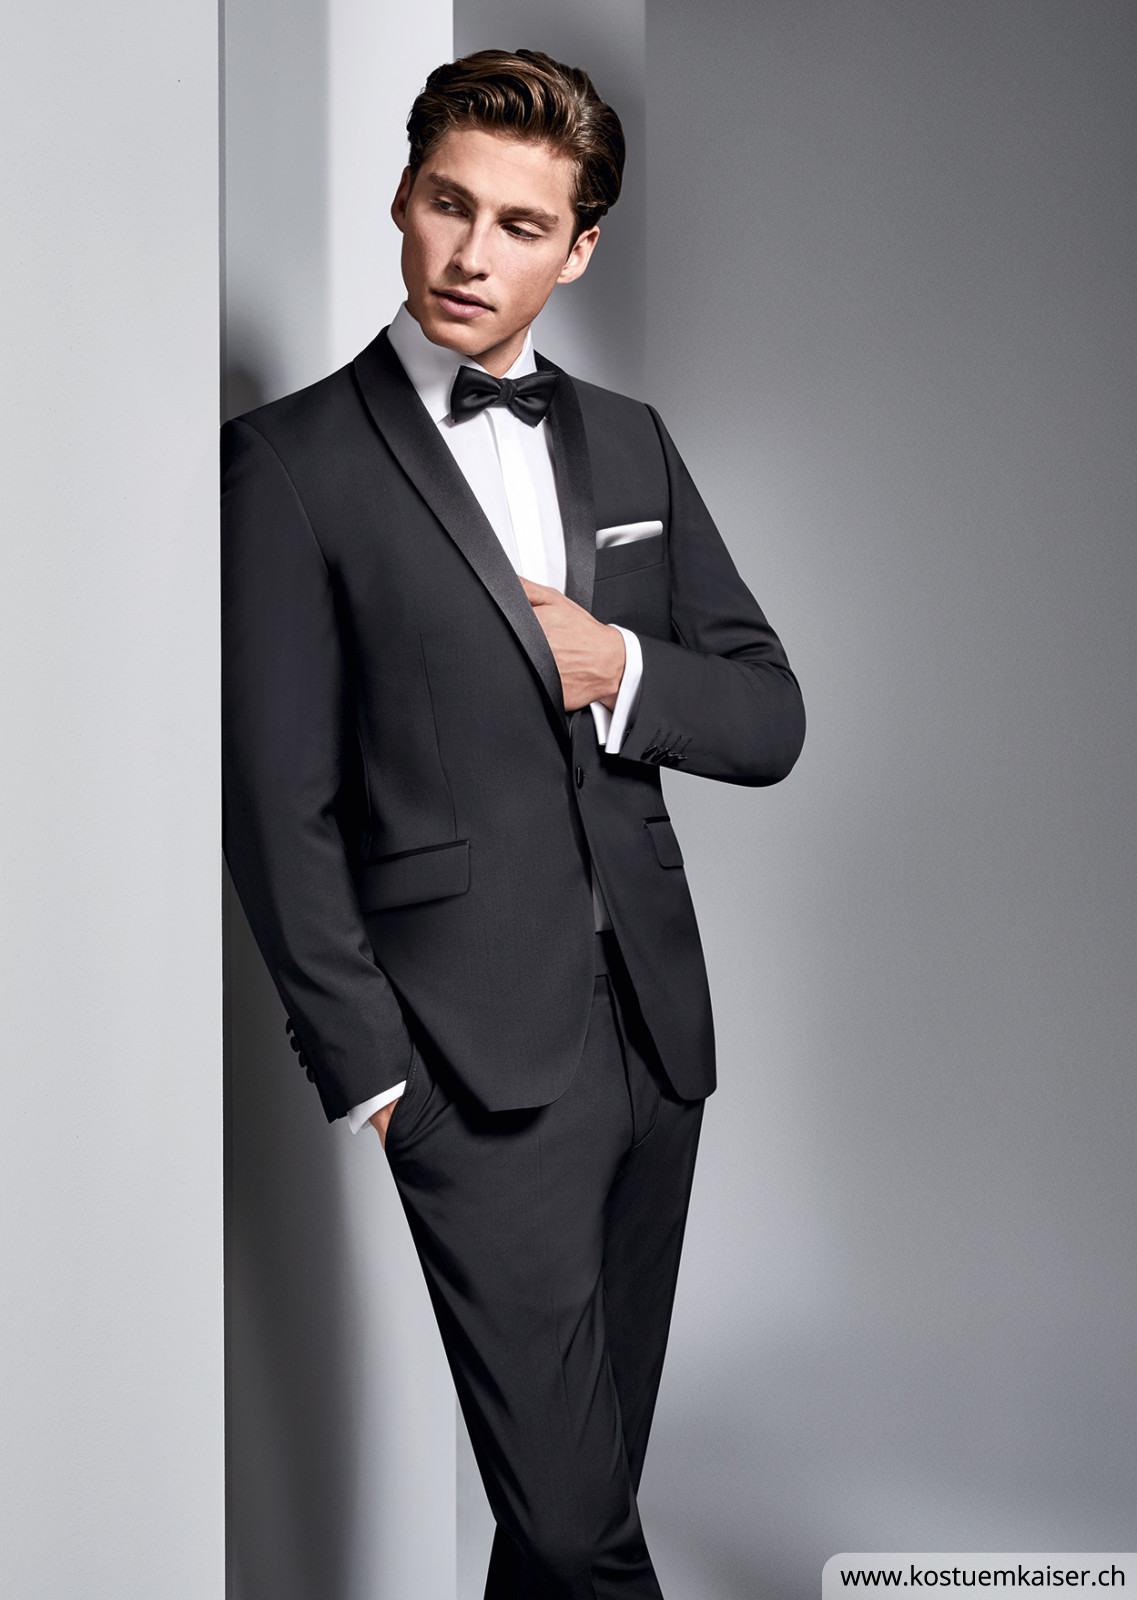 10 Einfach Abendbekleidung Herren SpezialgebietDesigner Leicht Abendbekleidung Herren Design